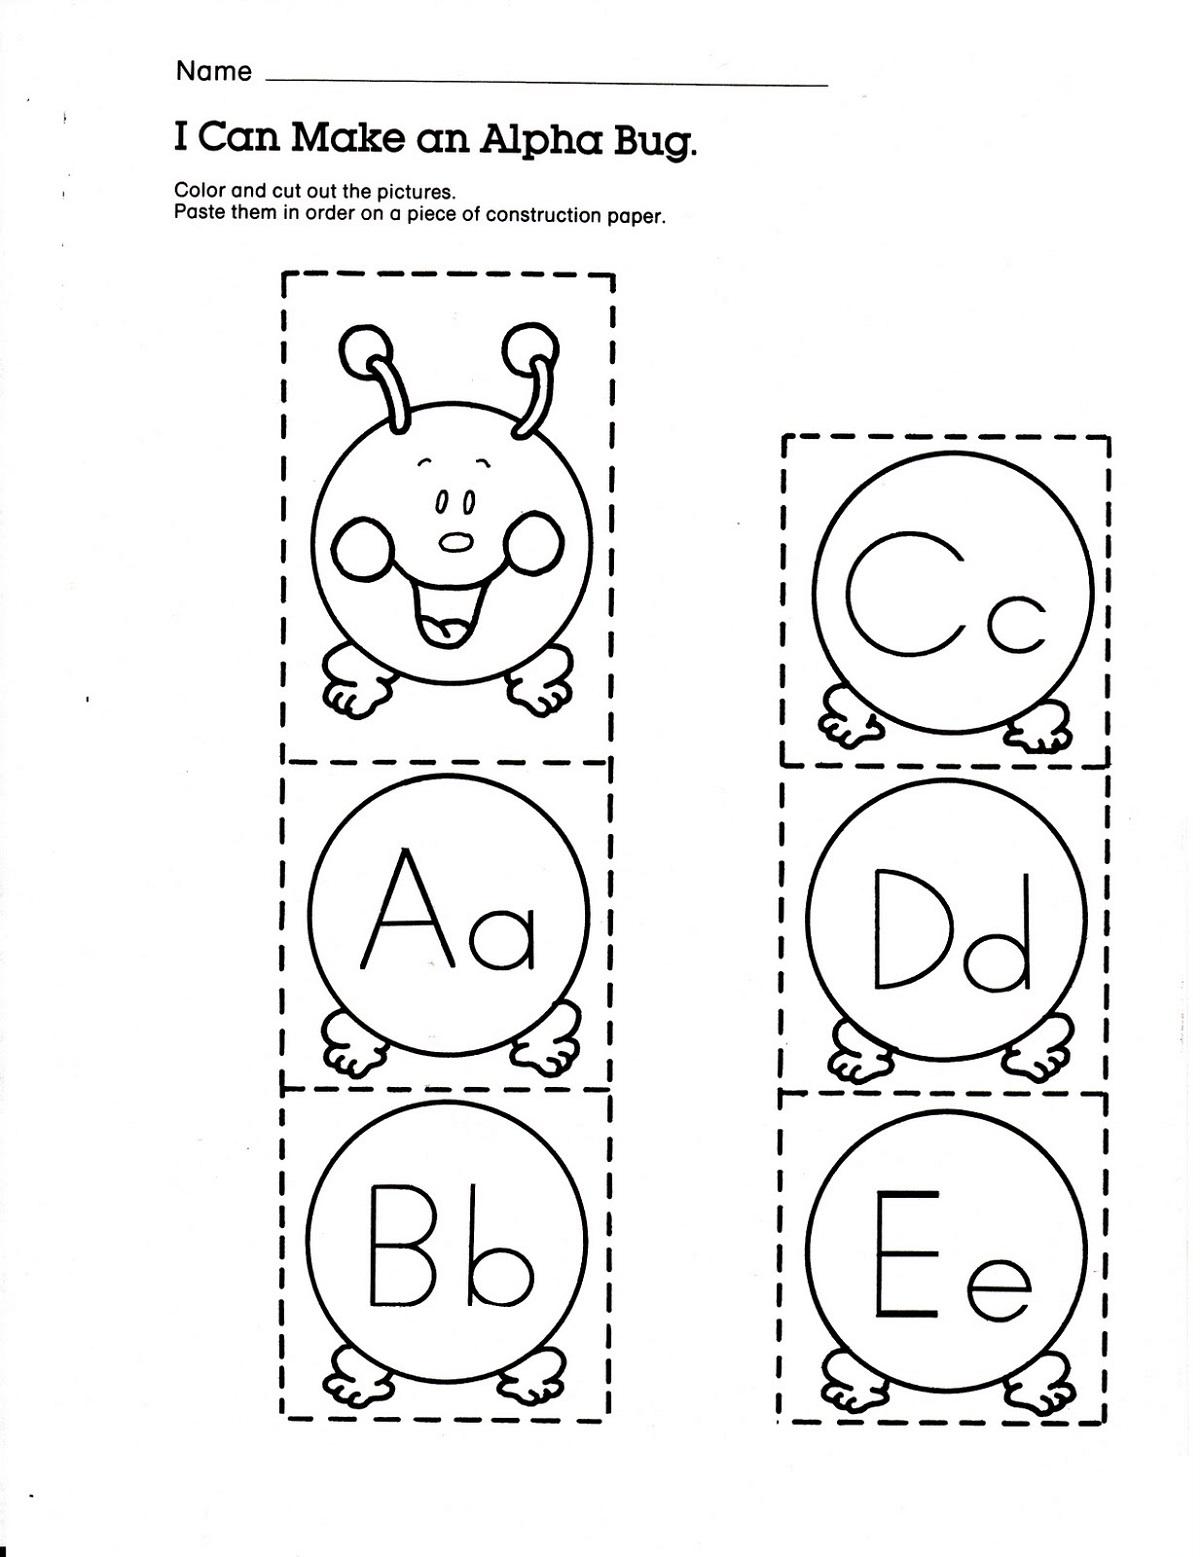 Alphabet Letter Worksheets for Kids